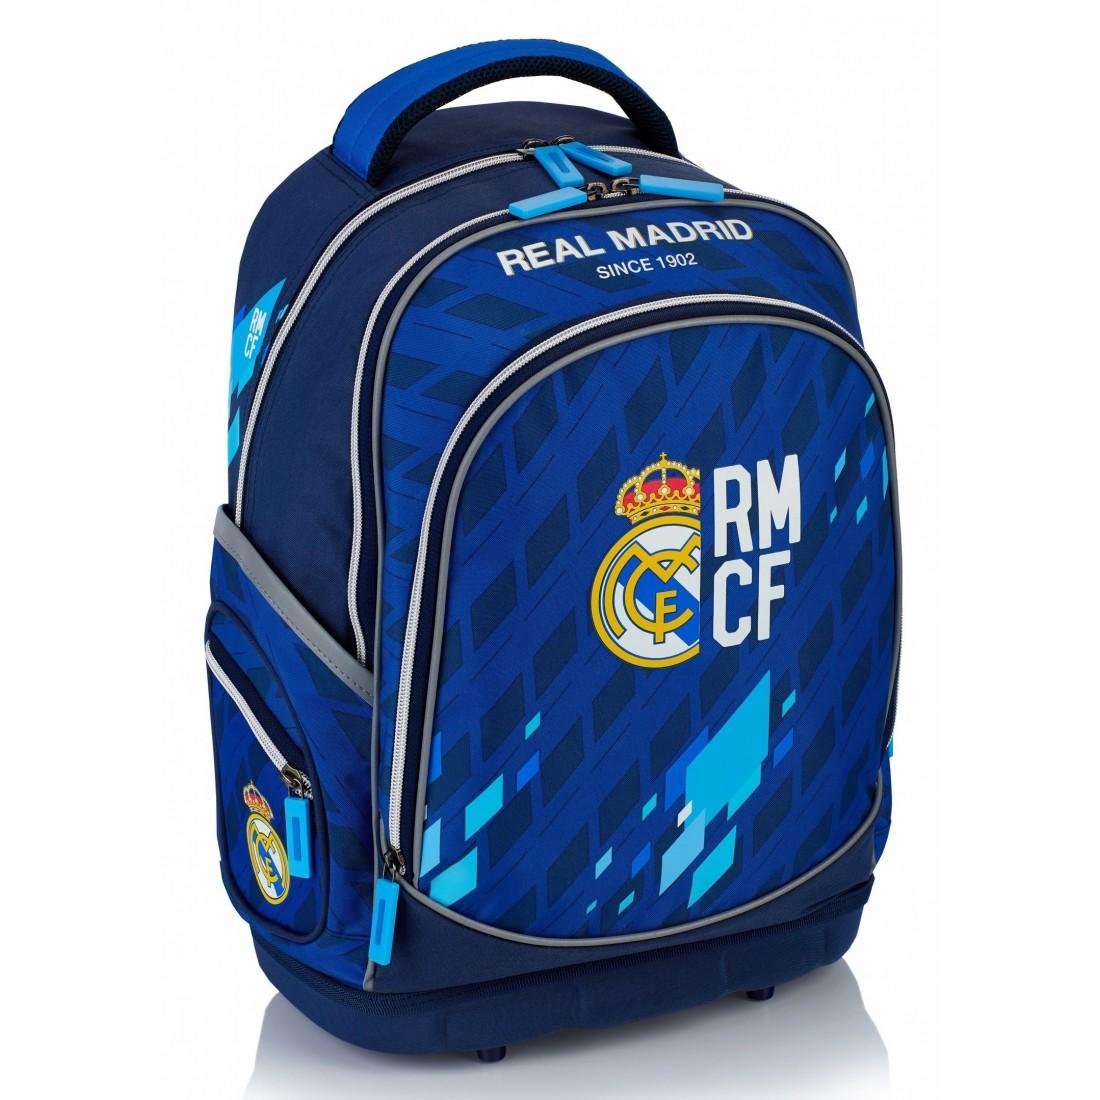 951a39b3fffe8 Plecak ergonomiczny Real Madryt granatowo - niebieski do szkoły - RM-131